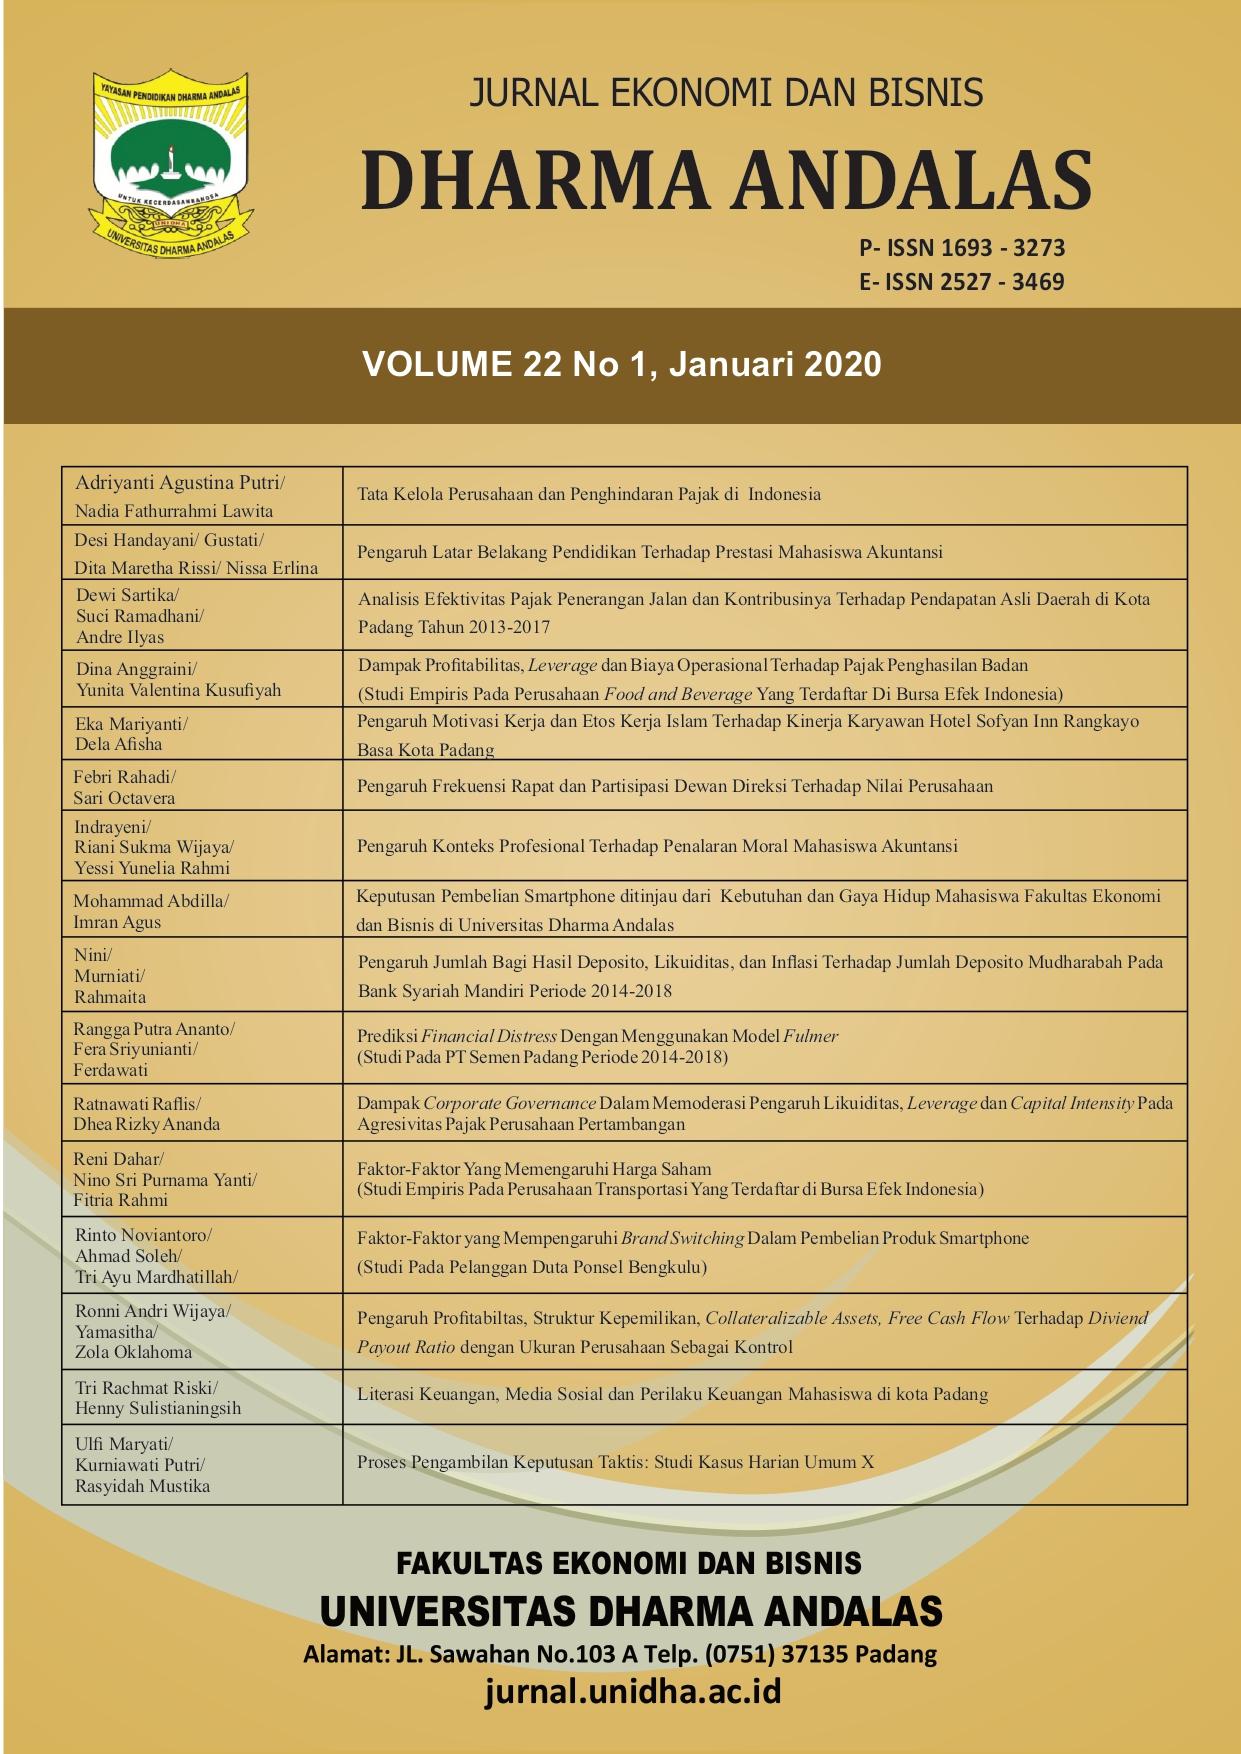 Literasi Keuangan Media Sosial Dan Perilaku Keuangan Mahasiswa Dikota Padang Jurnal Ekonomi Dan Bisnis Dharma Andalas